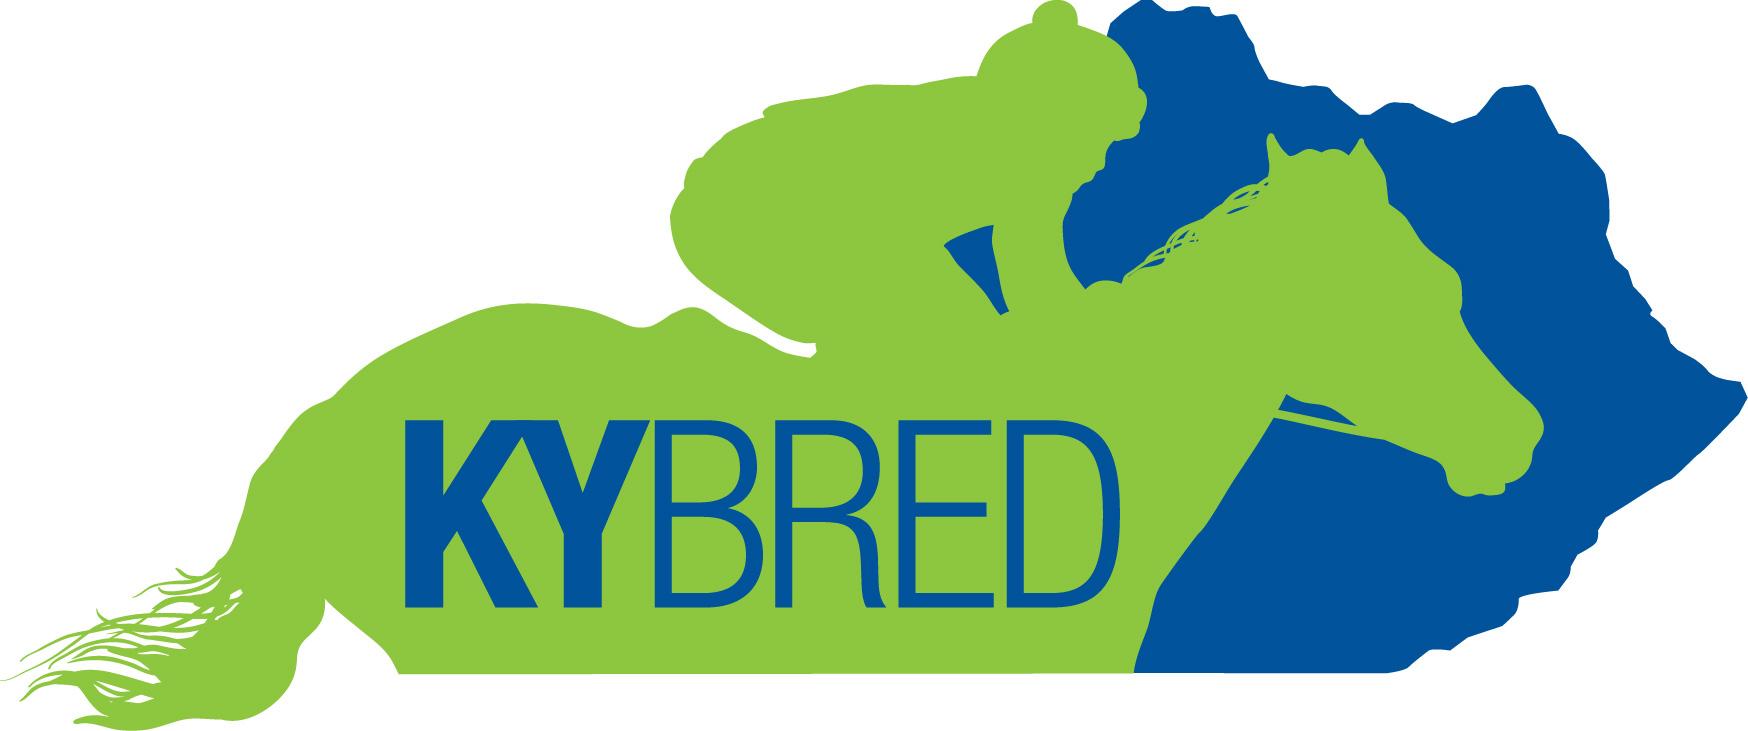 Kentucky Bred